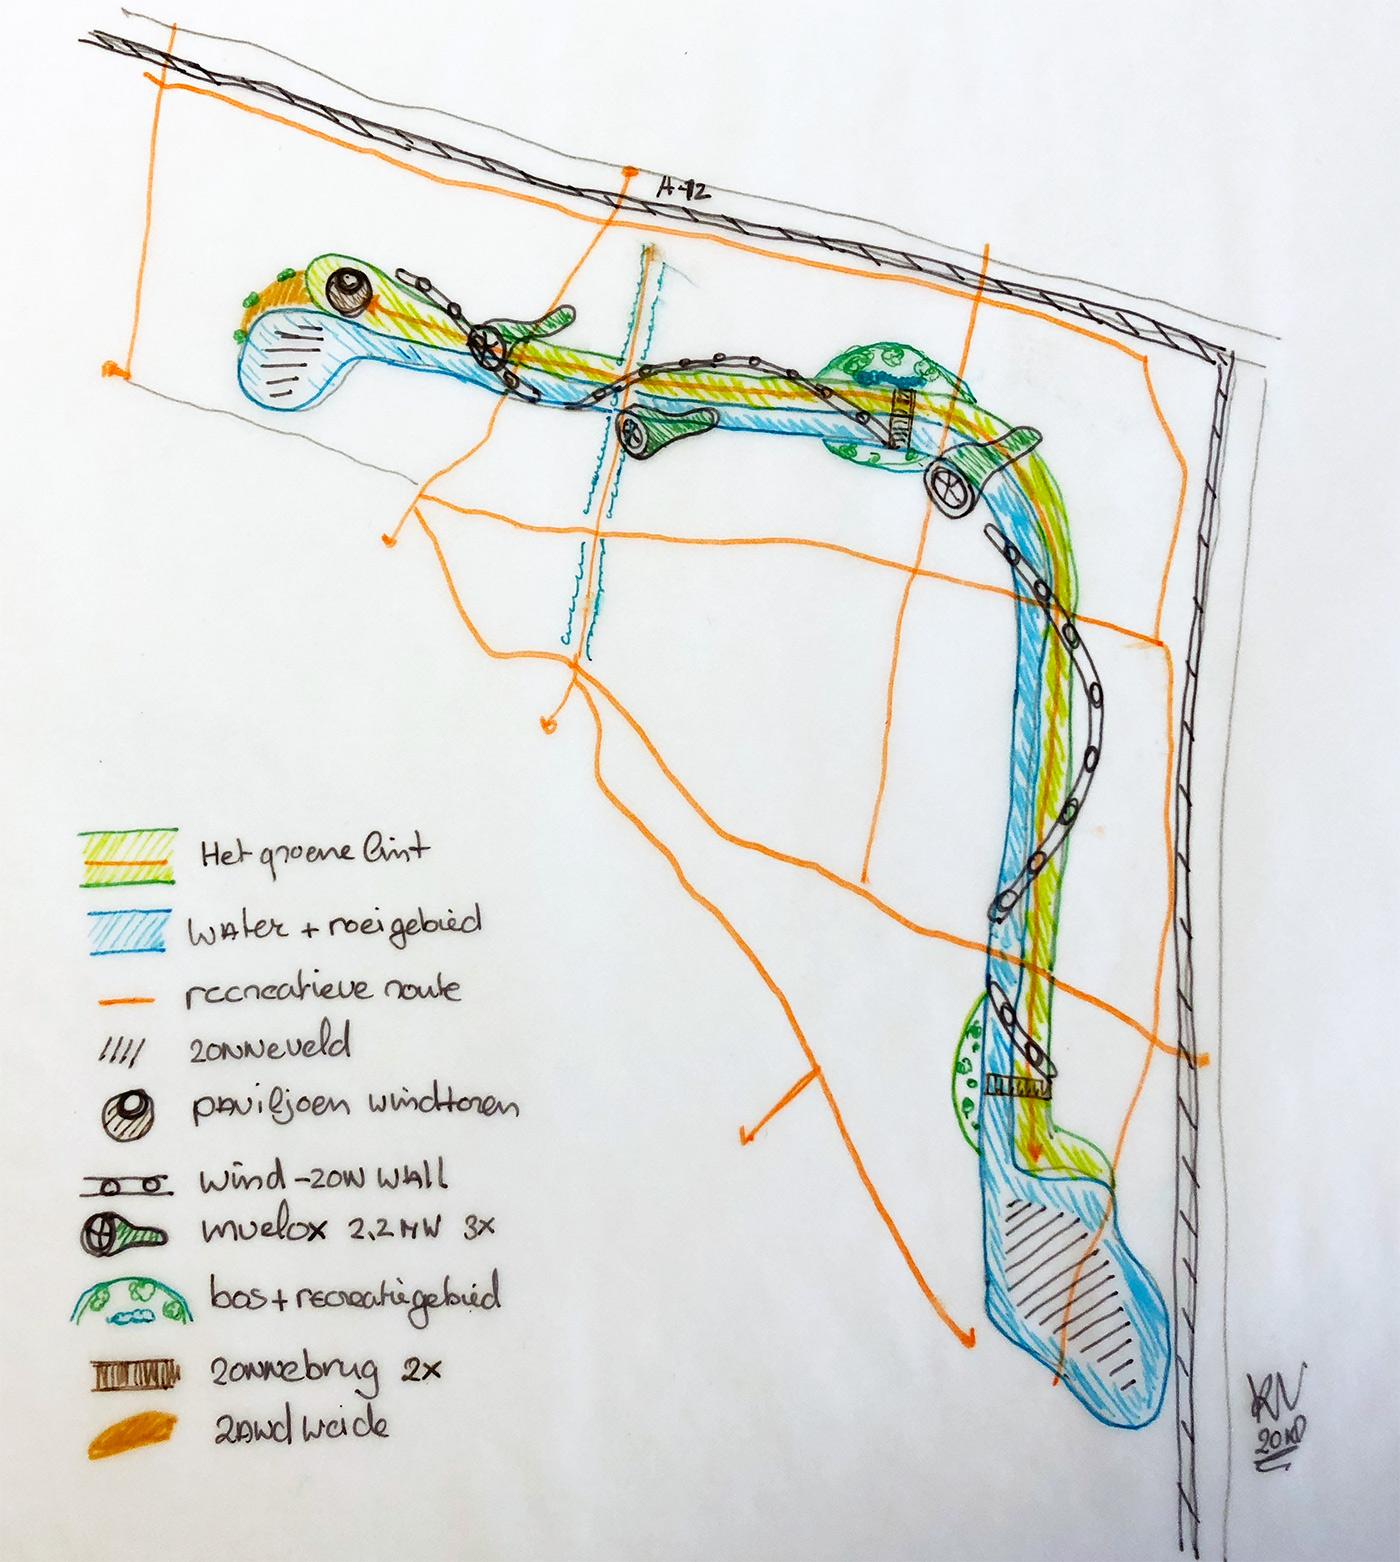 Een van de tekeningen waarin de uitwerkingen van de ideeën om een leefbare omgeving te combineren met een hoog rendement energiepark verder worden uitgewerkt. Bron: website www.parkhetgroenelint.nl